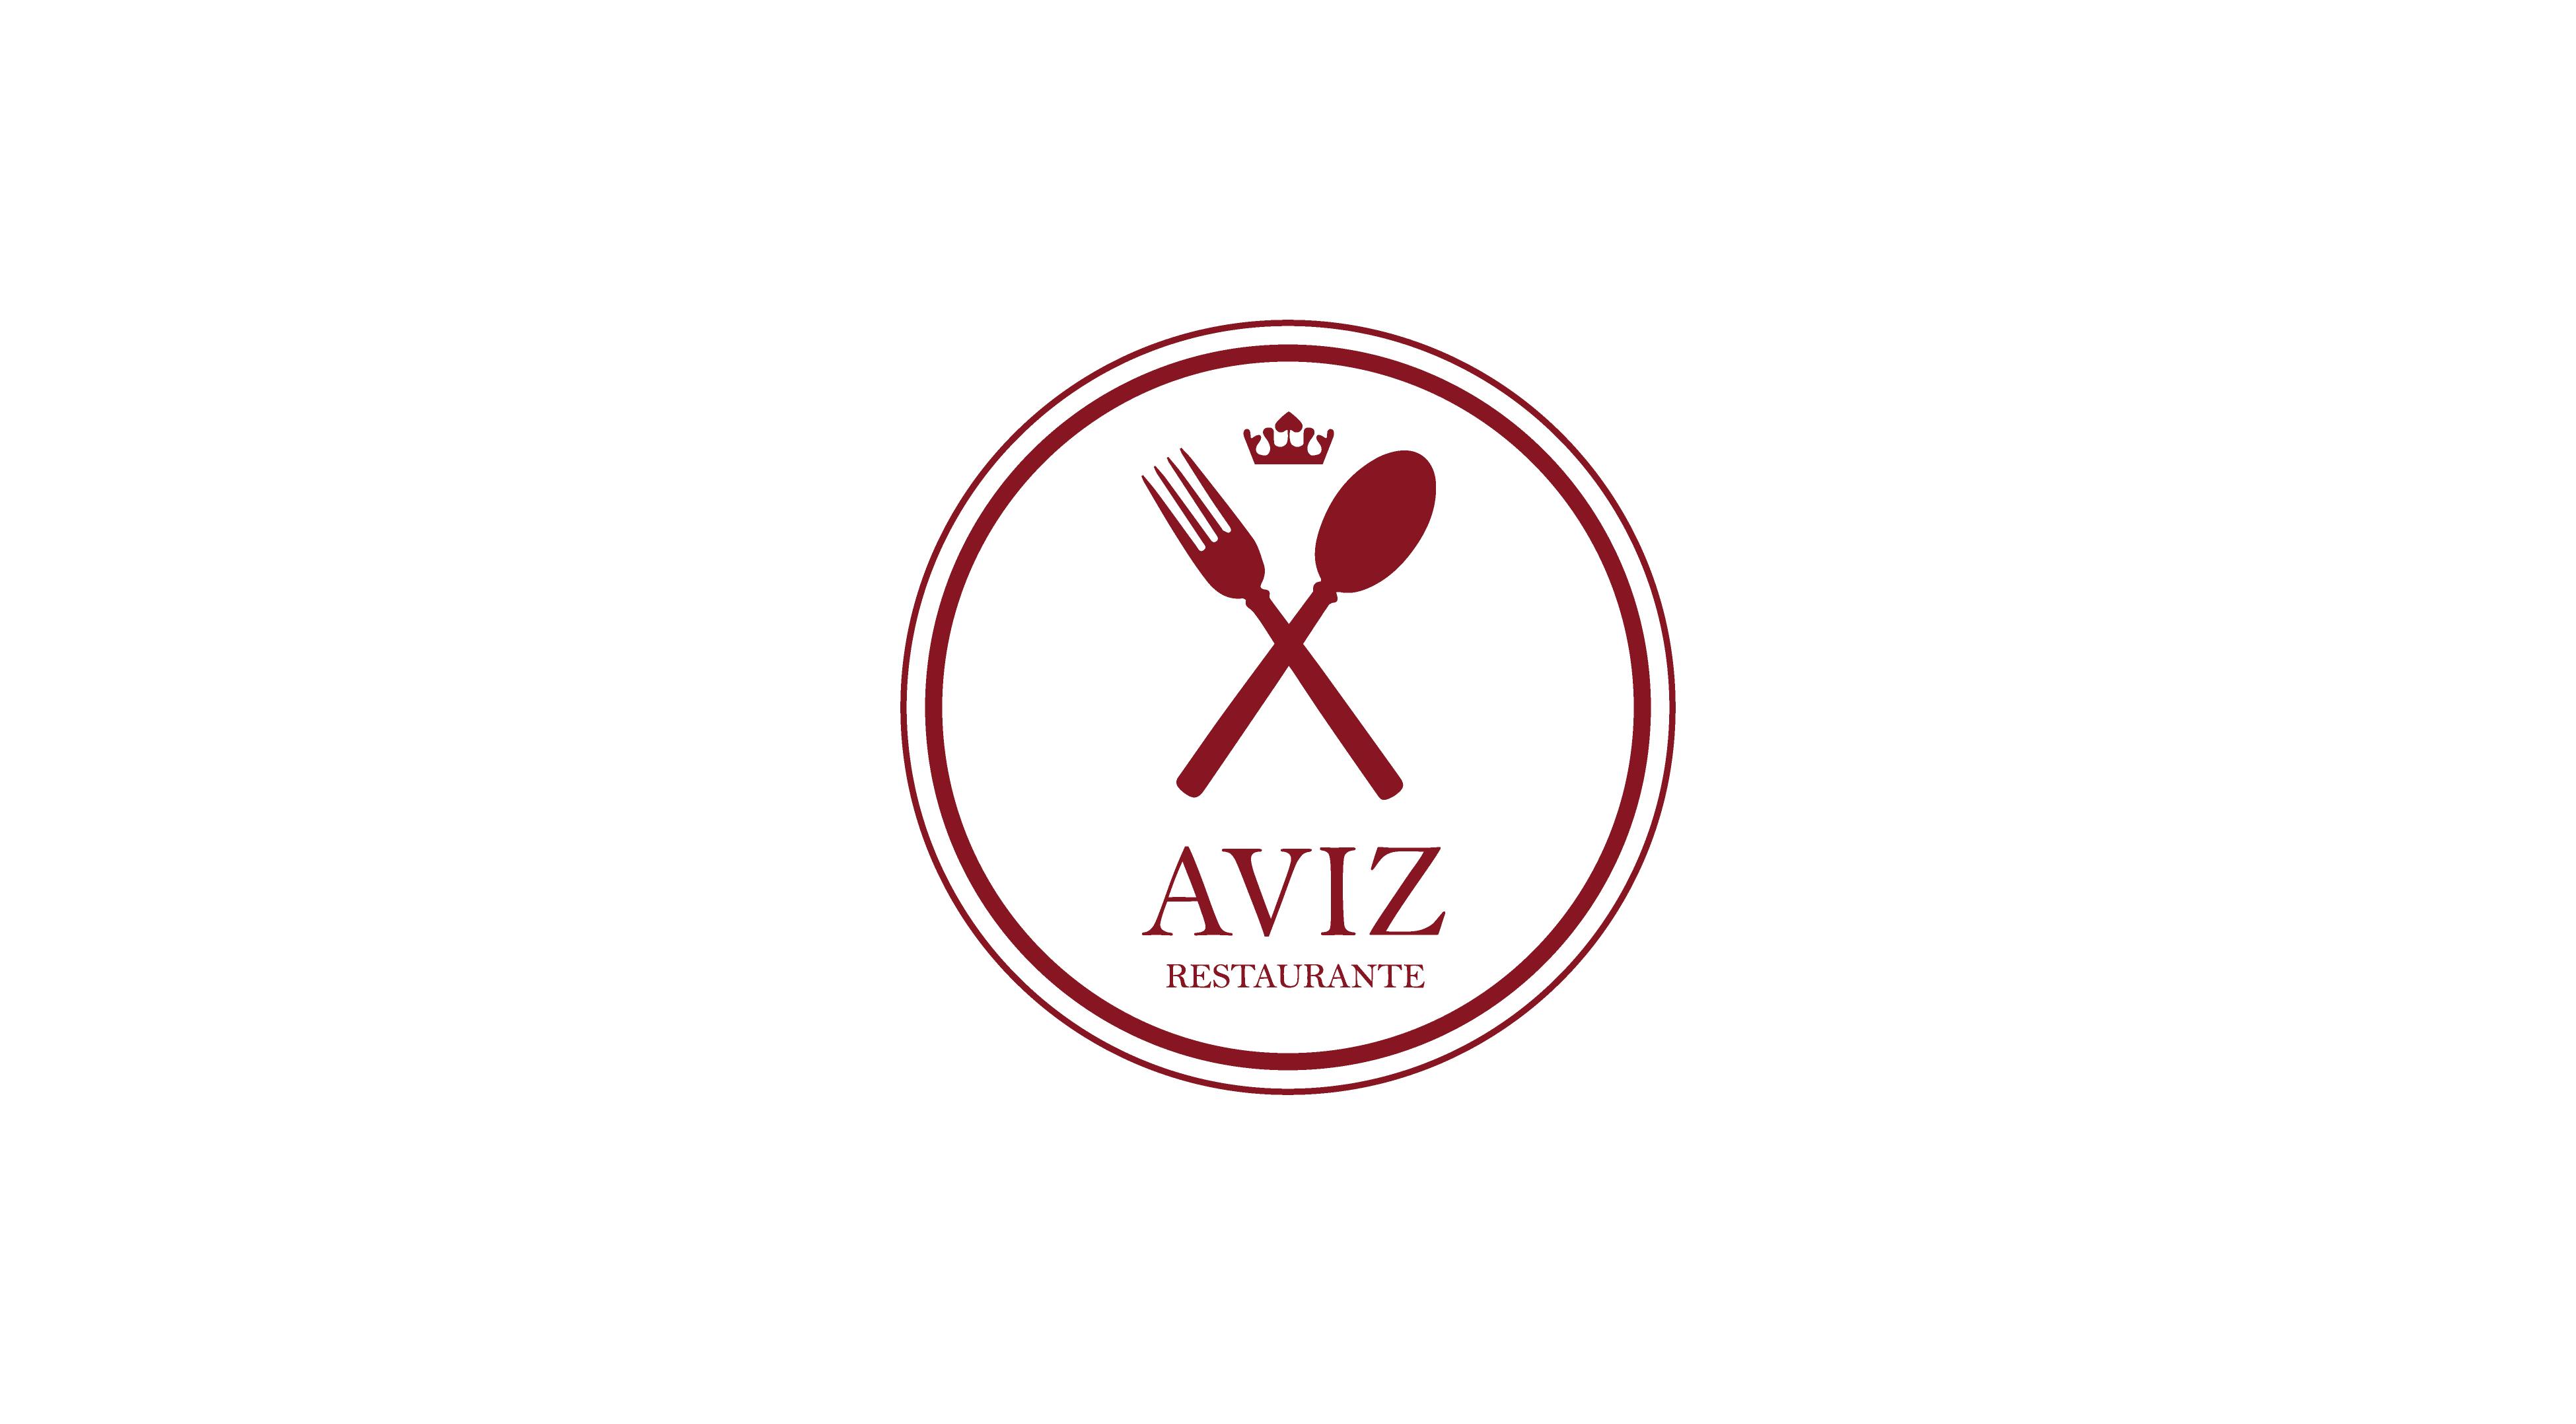 Logotipo Aviz